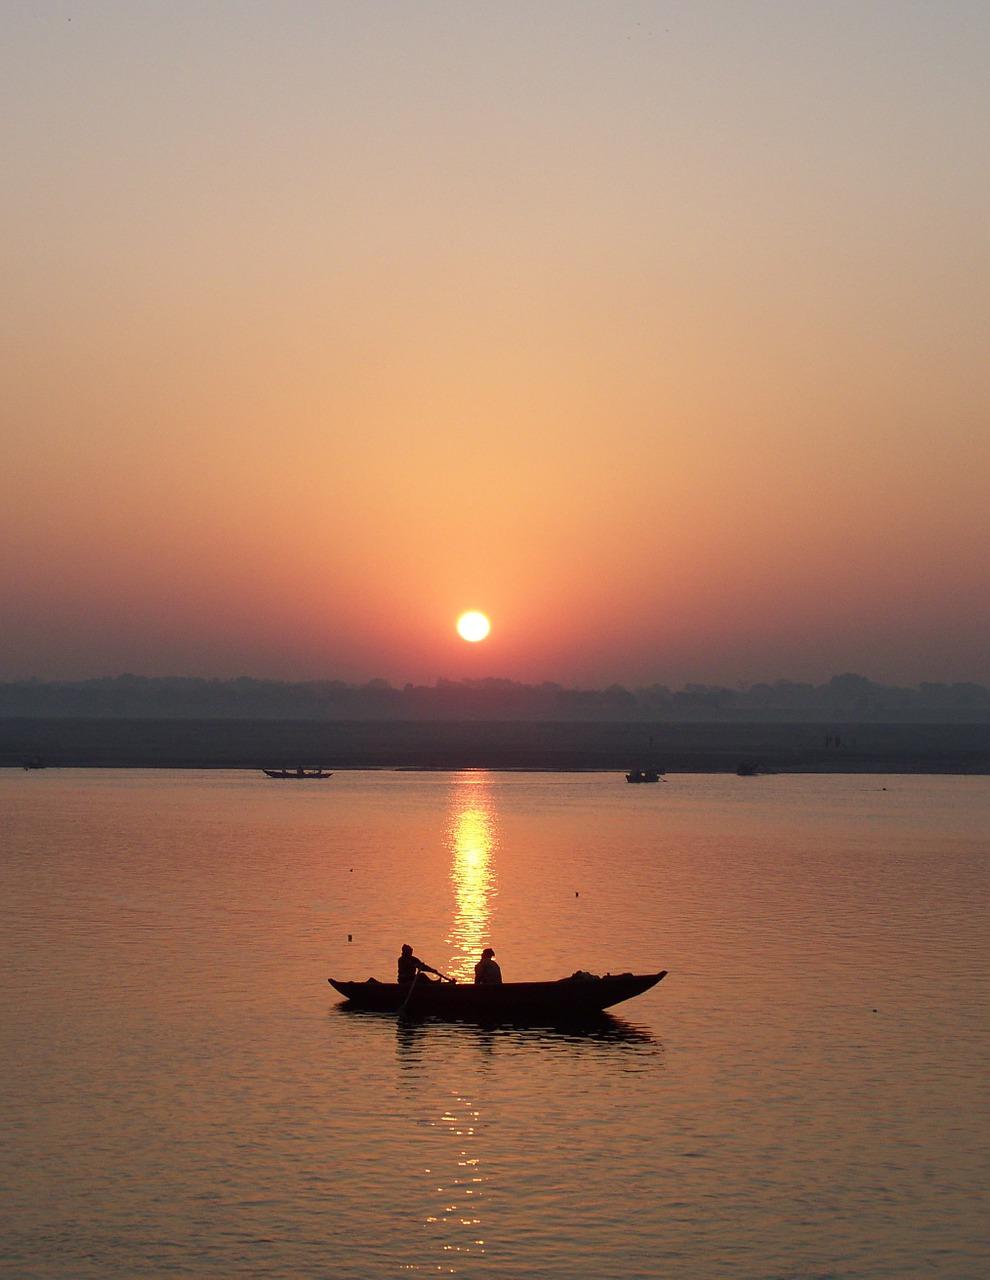 sunrise over river ganga_India_PD